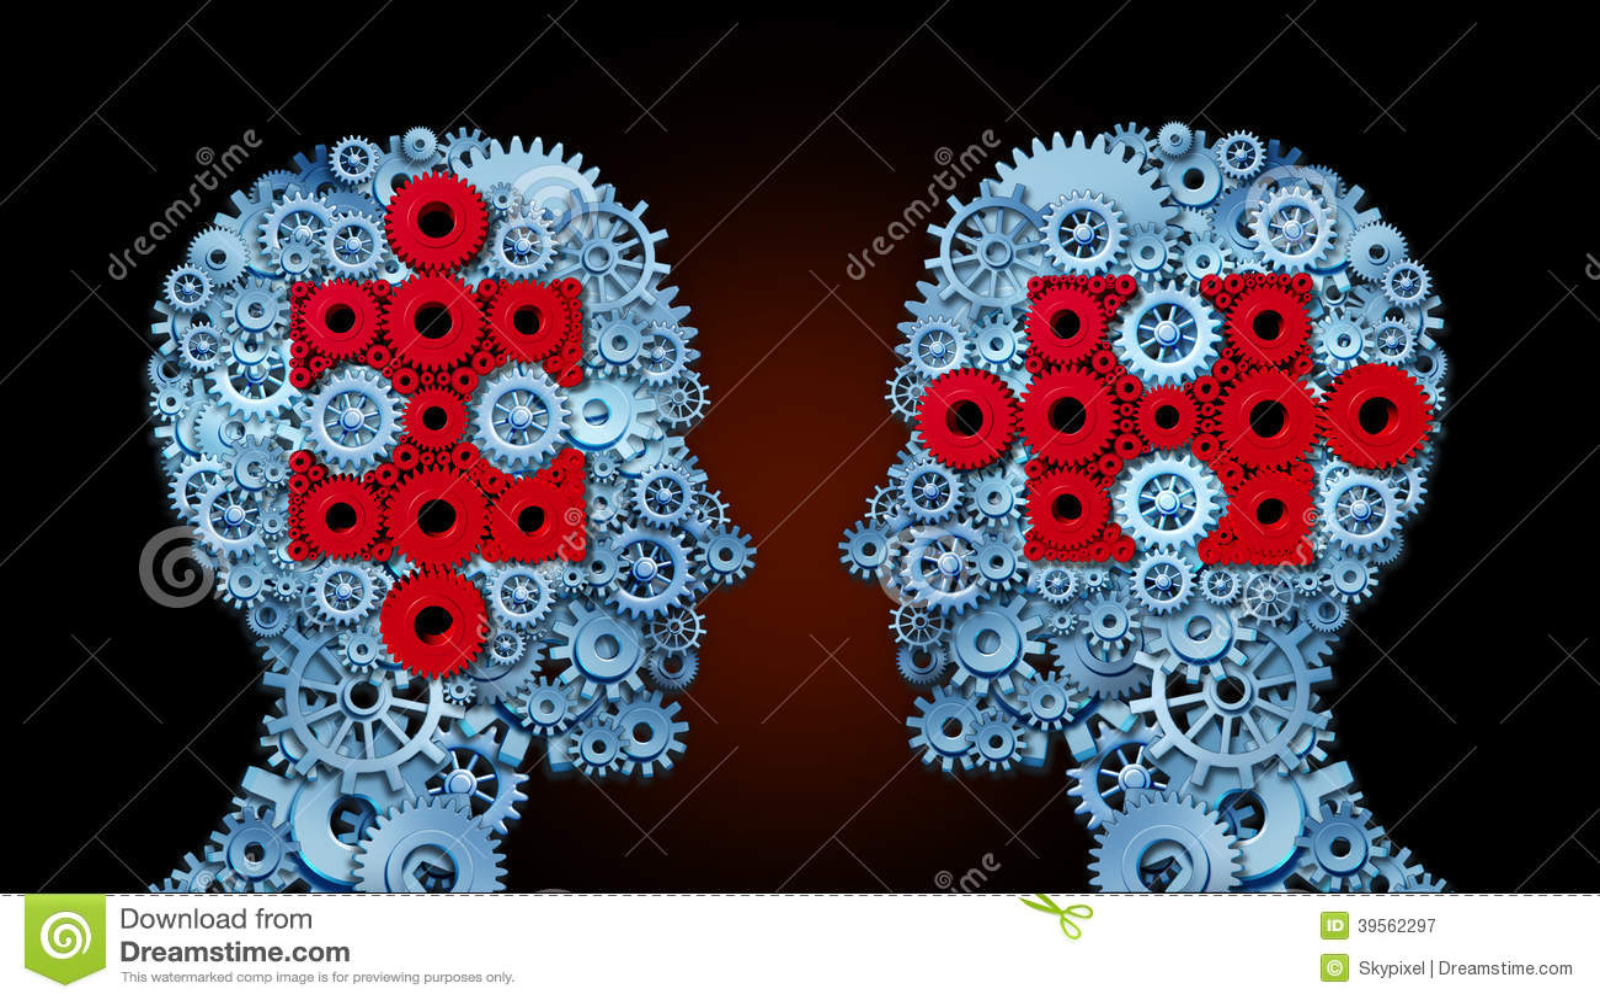 knowledge team stock illustration  illustration of meeting